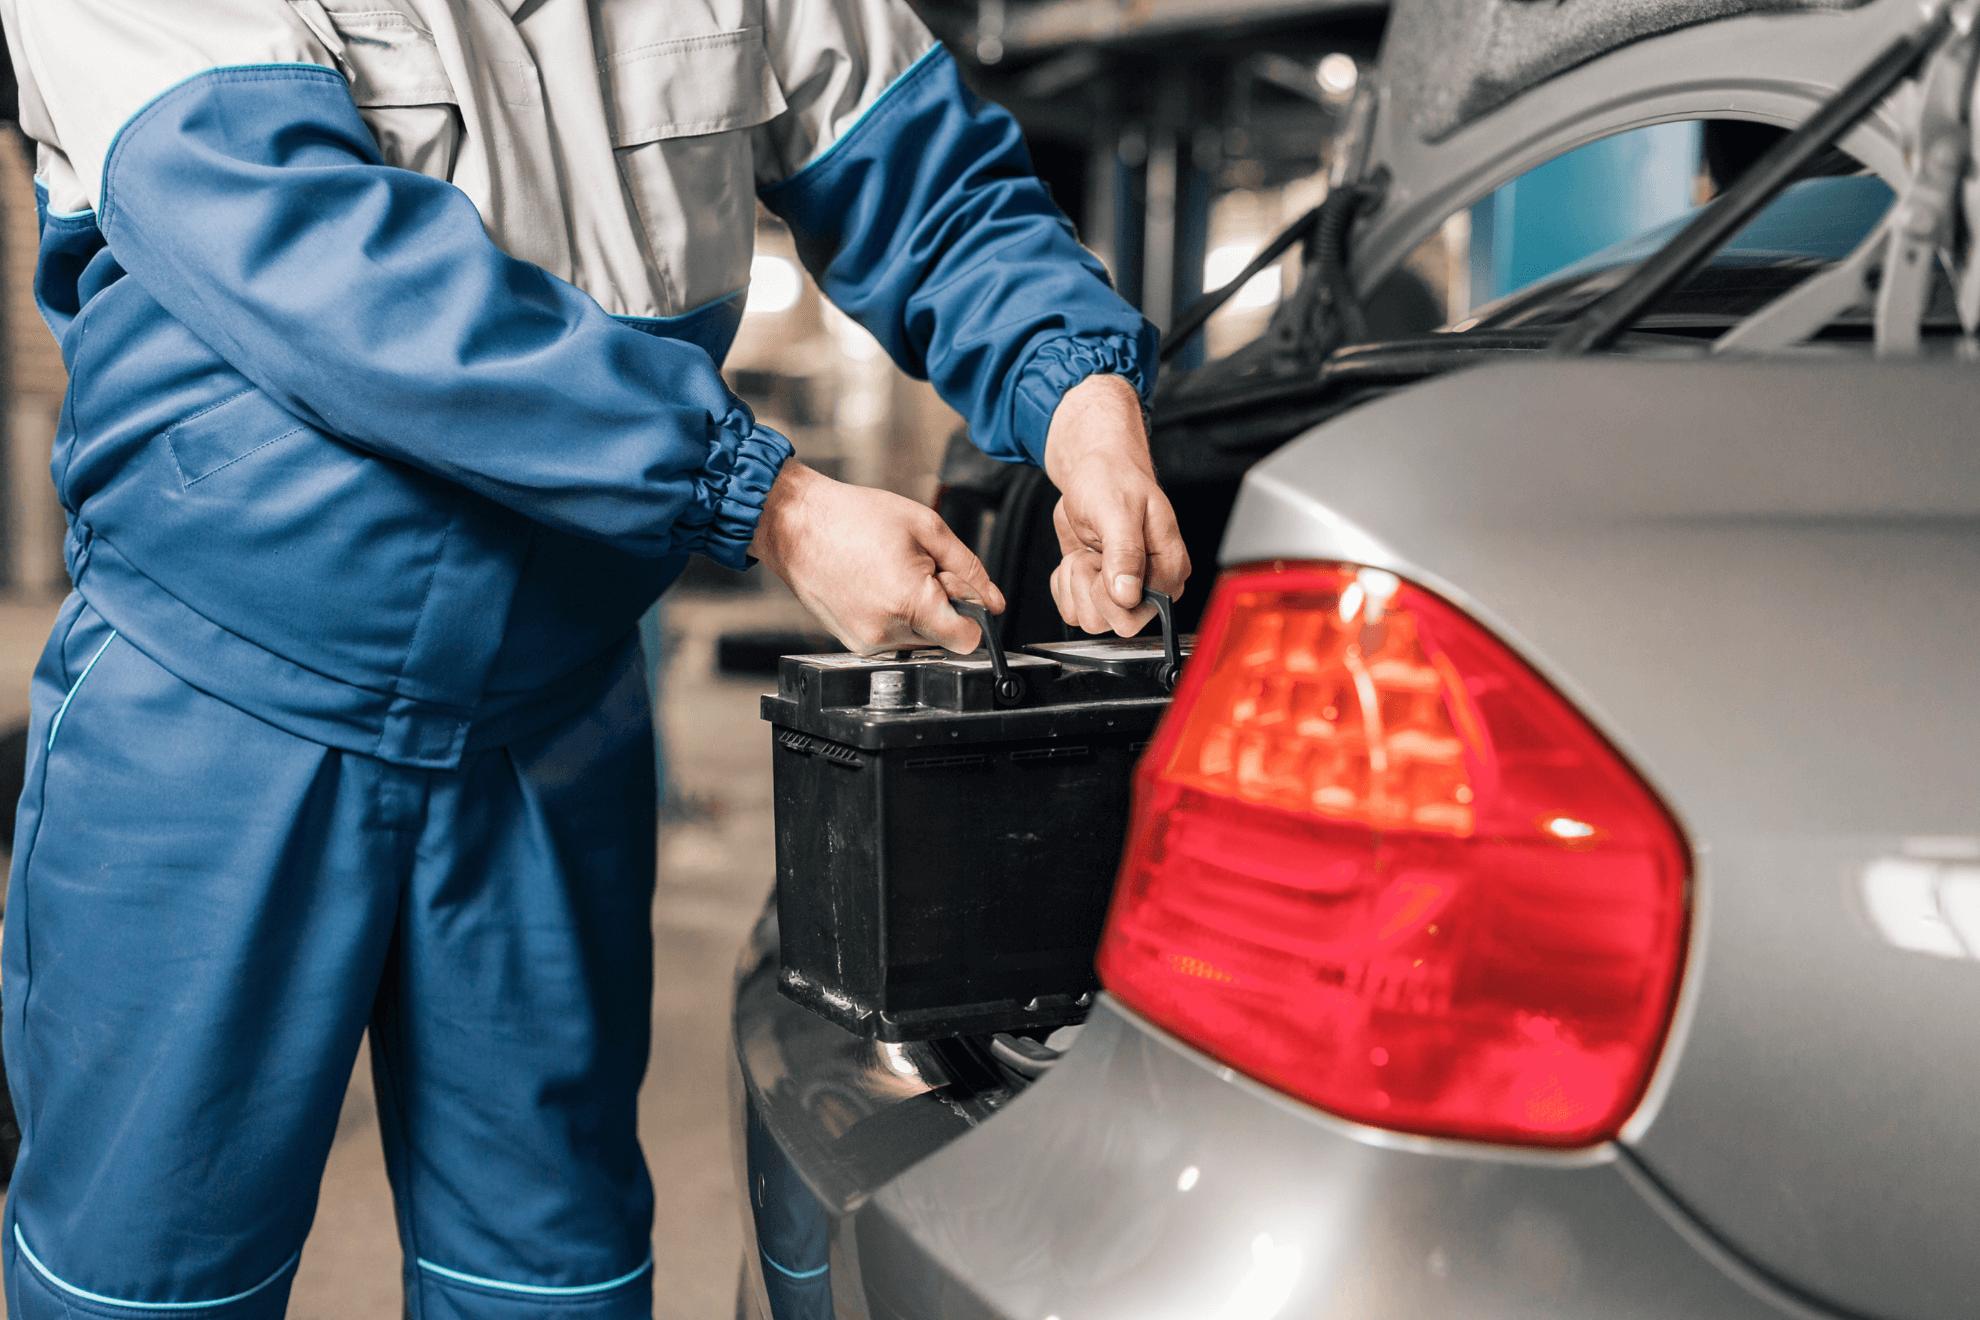 Homem com uniforme de mecânico colocando uma bateria nova em um carro